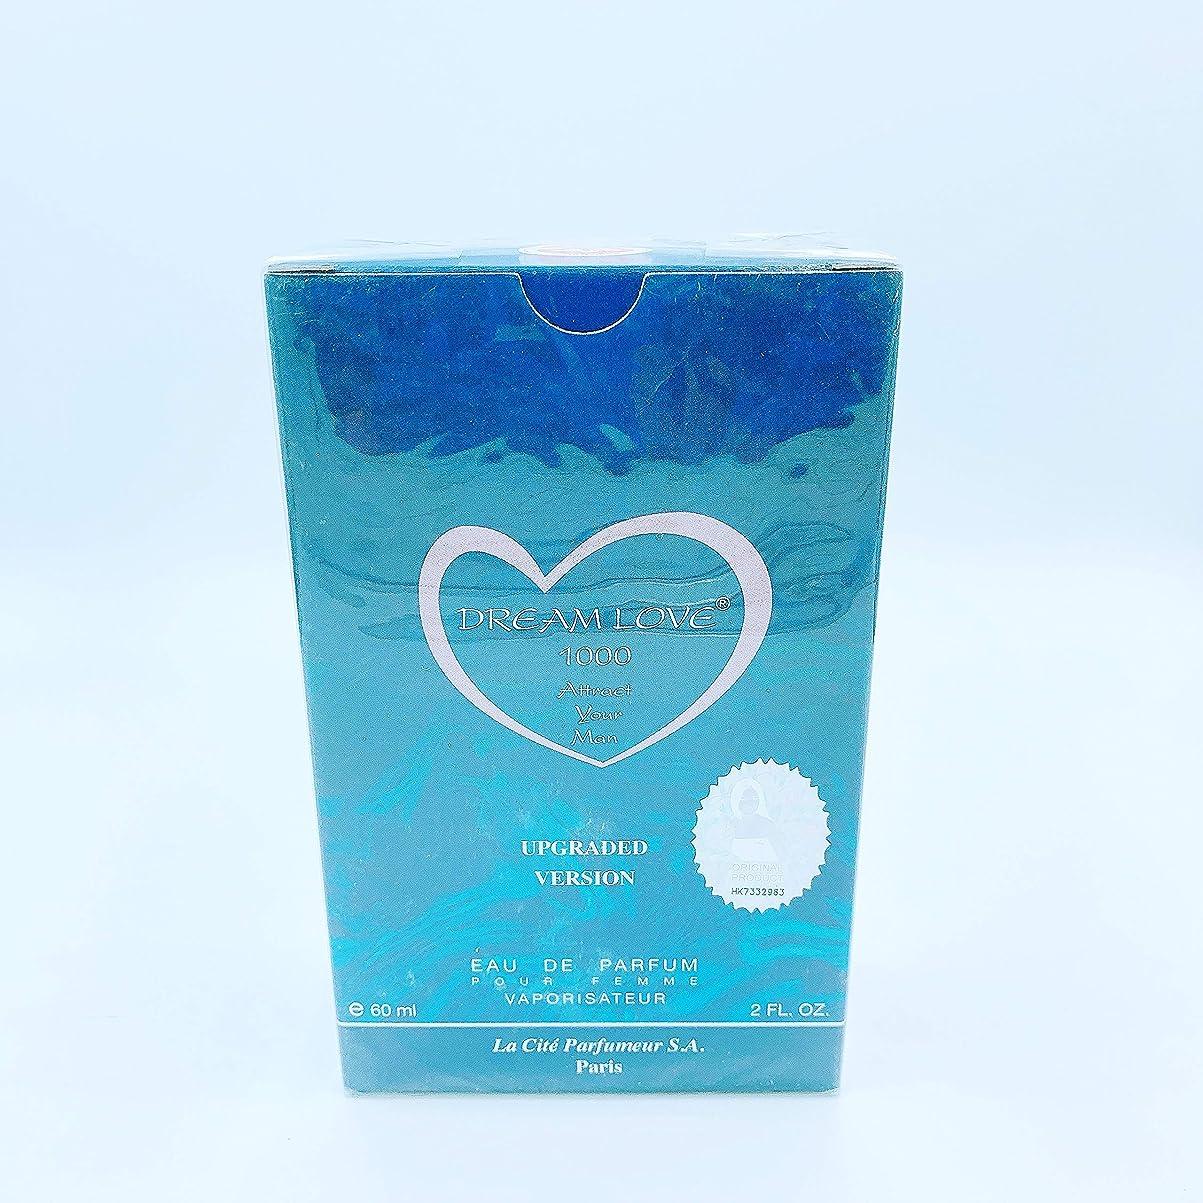 受益者前にチョコレートDREAM LOVE 1000 UPGRADED VERSION EAU DE PARFUM 60ml